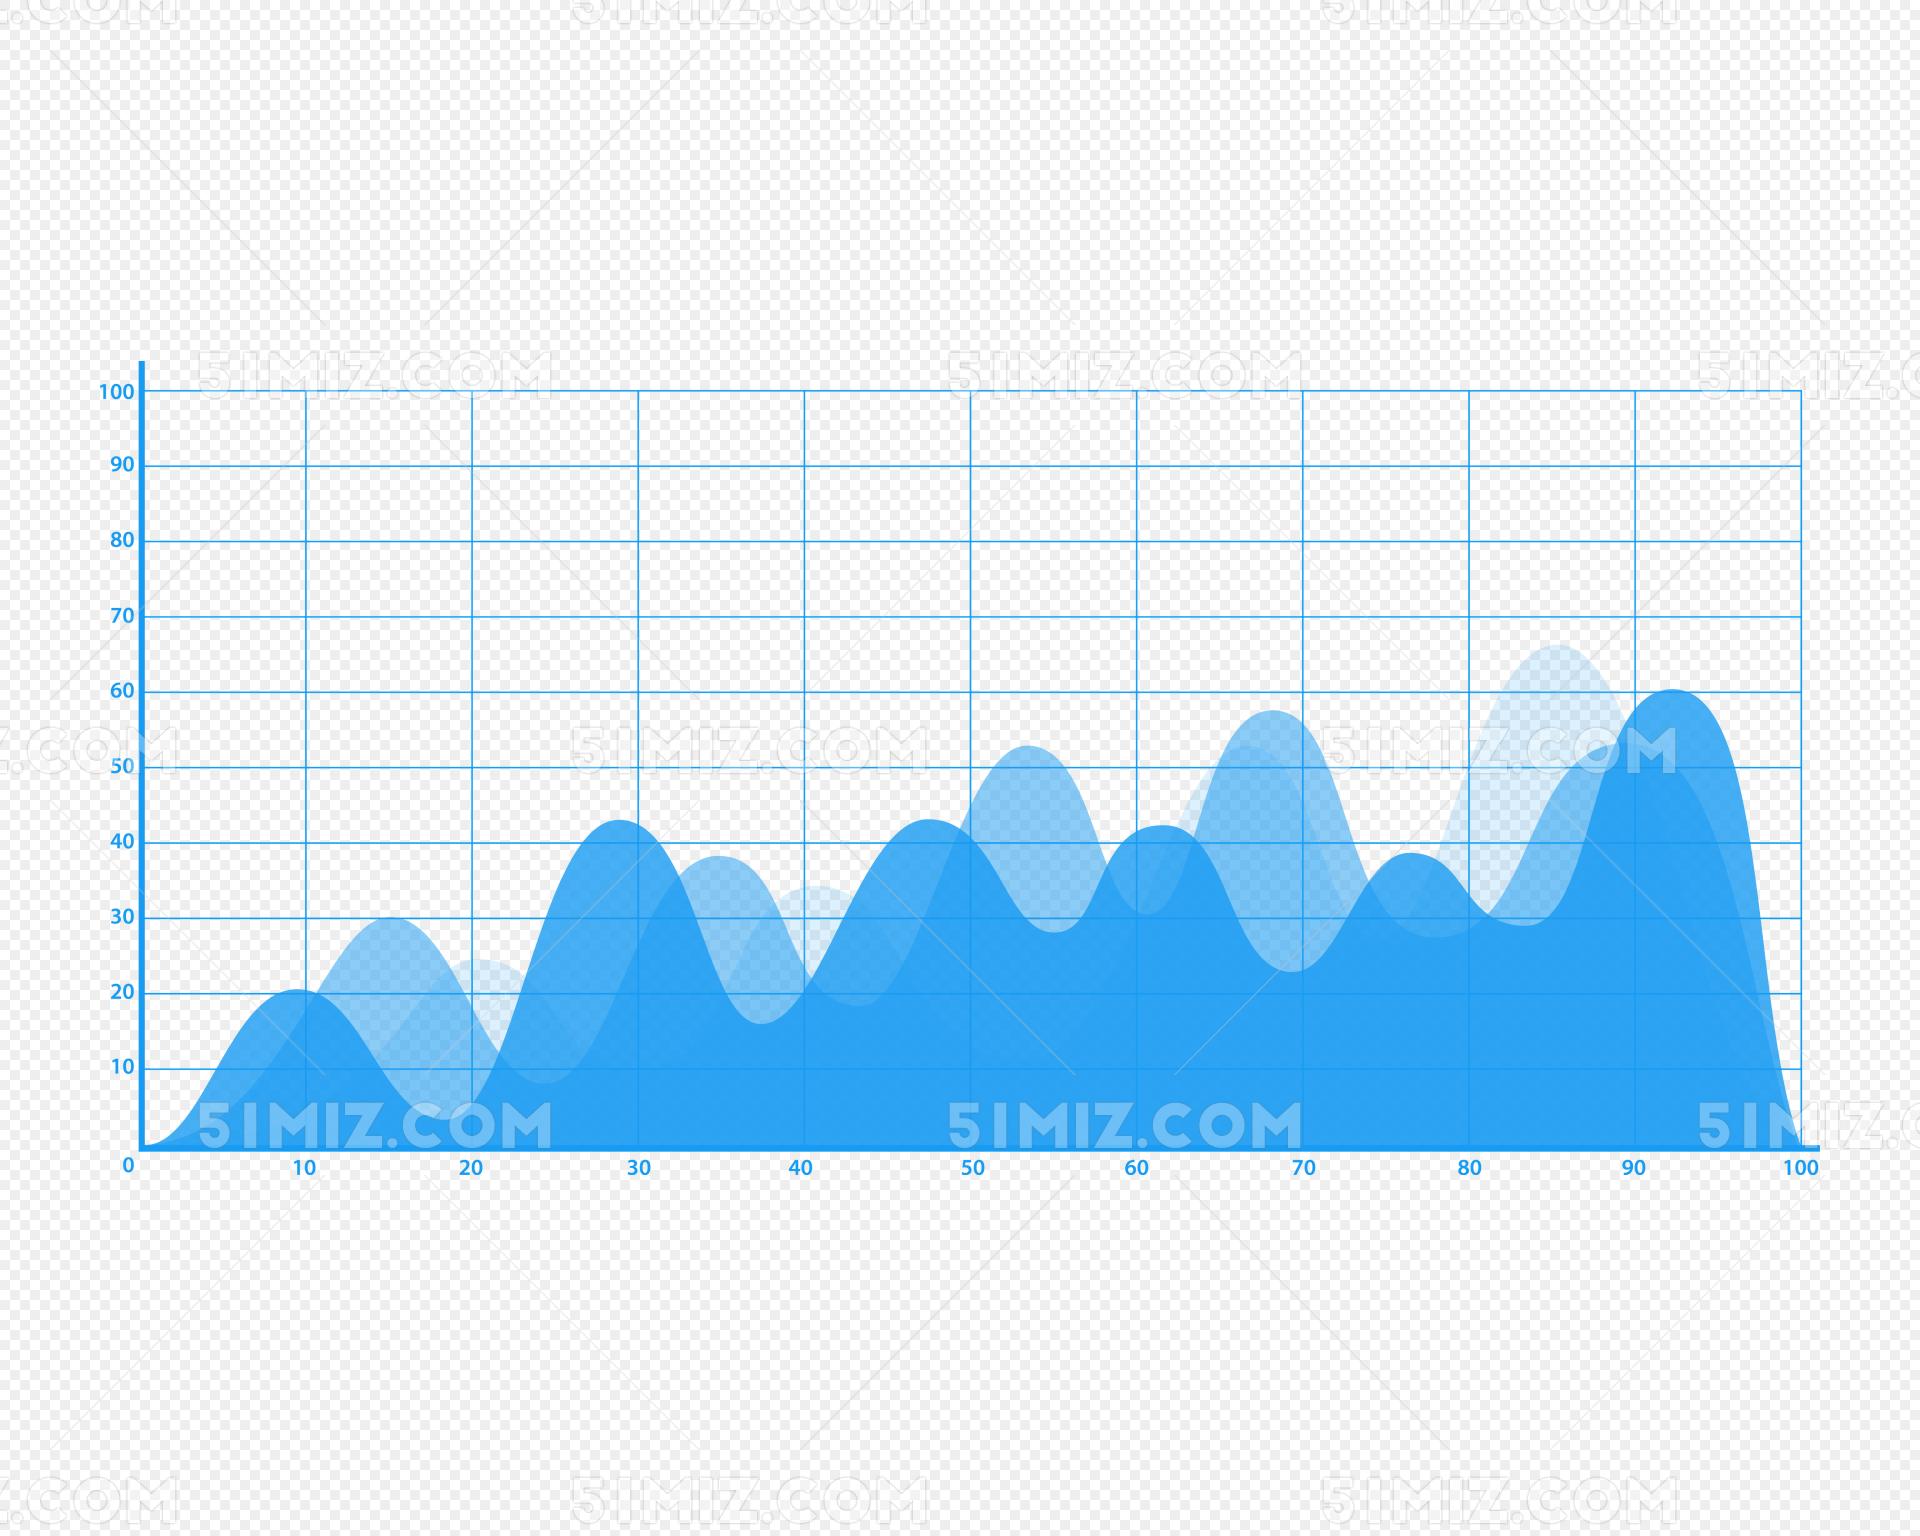 蓝色股票曲线图素材